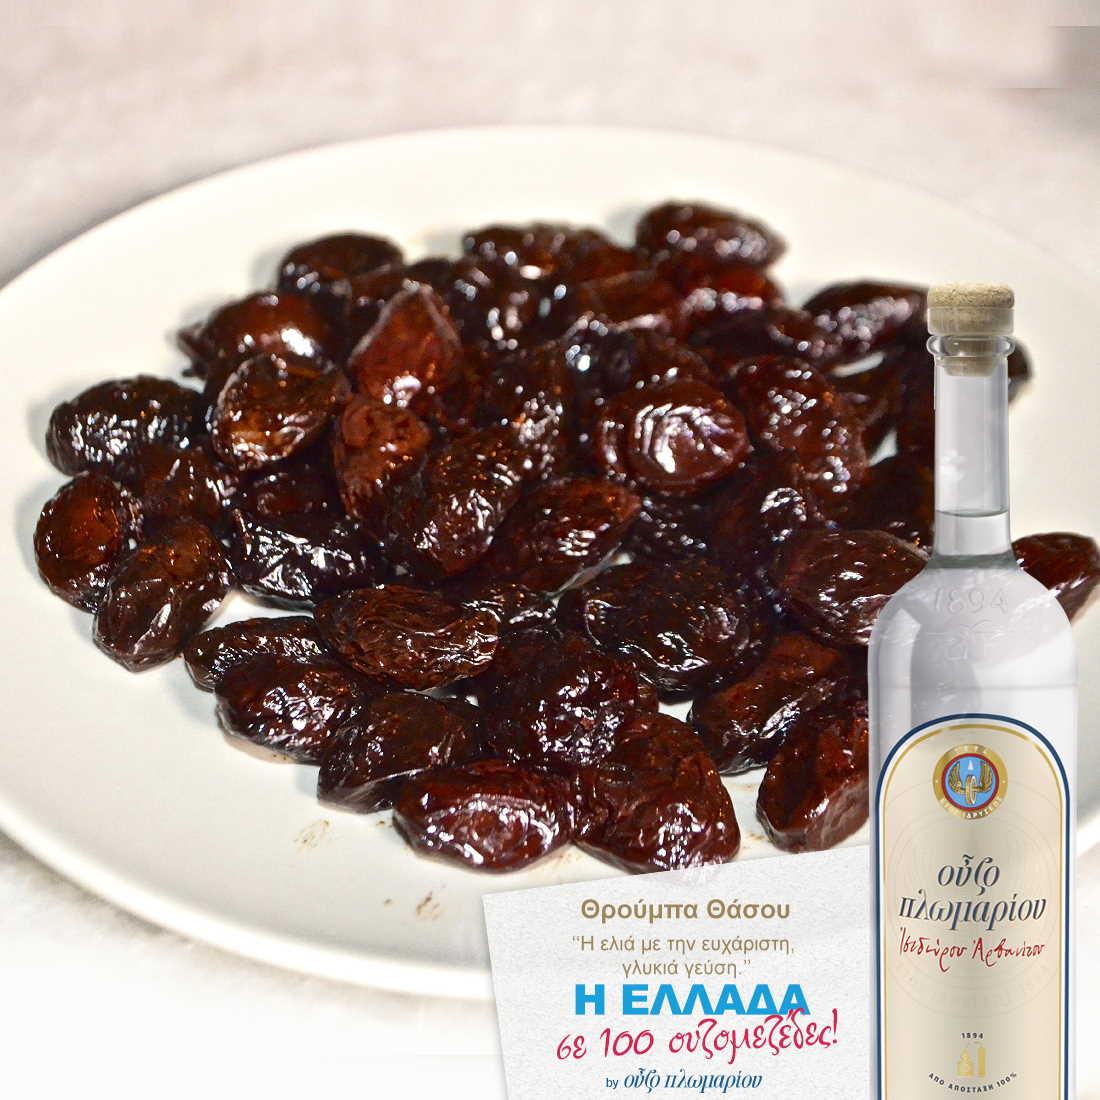 Θρούμπα Θάσου - Ουζομεζέδες - Greek Gastronomy Guide